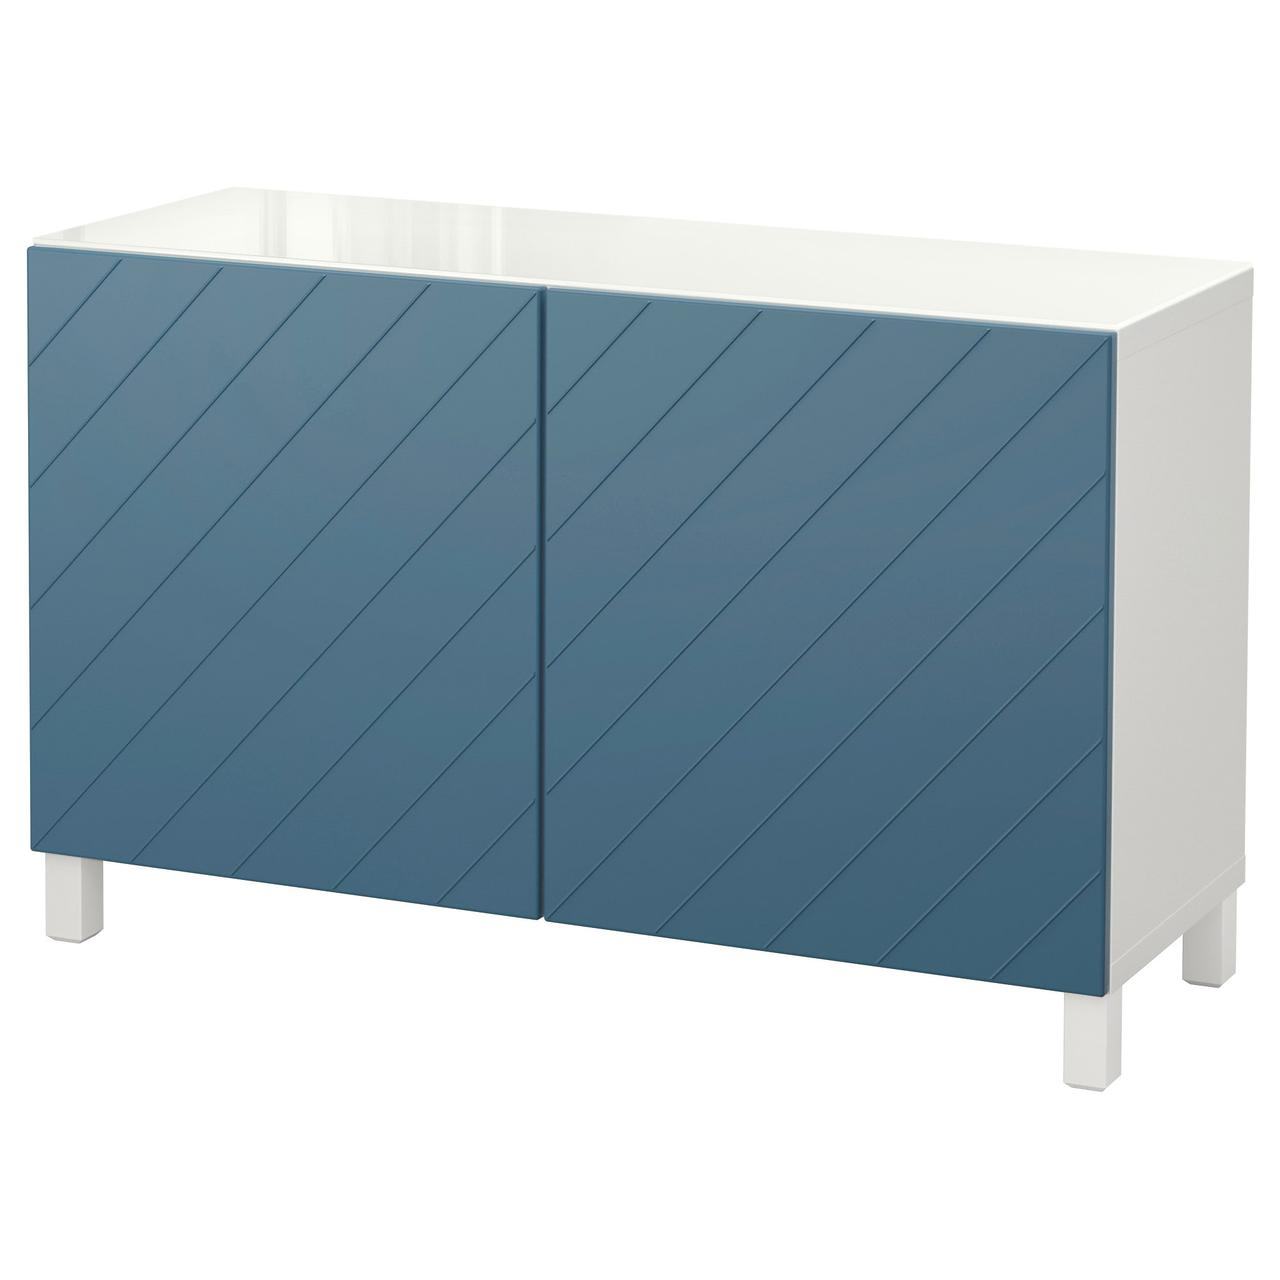 Тумба IKEA BESTÅ 120x40x74 см Hallstavik белая темно-синяя 492.101.53